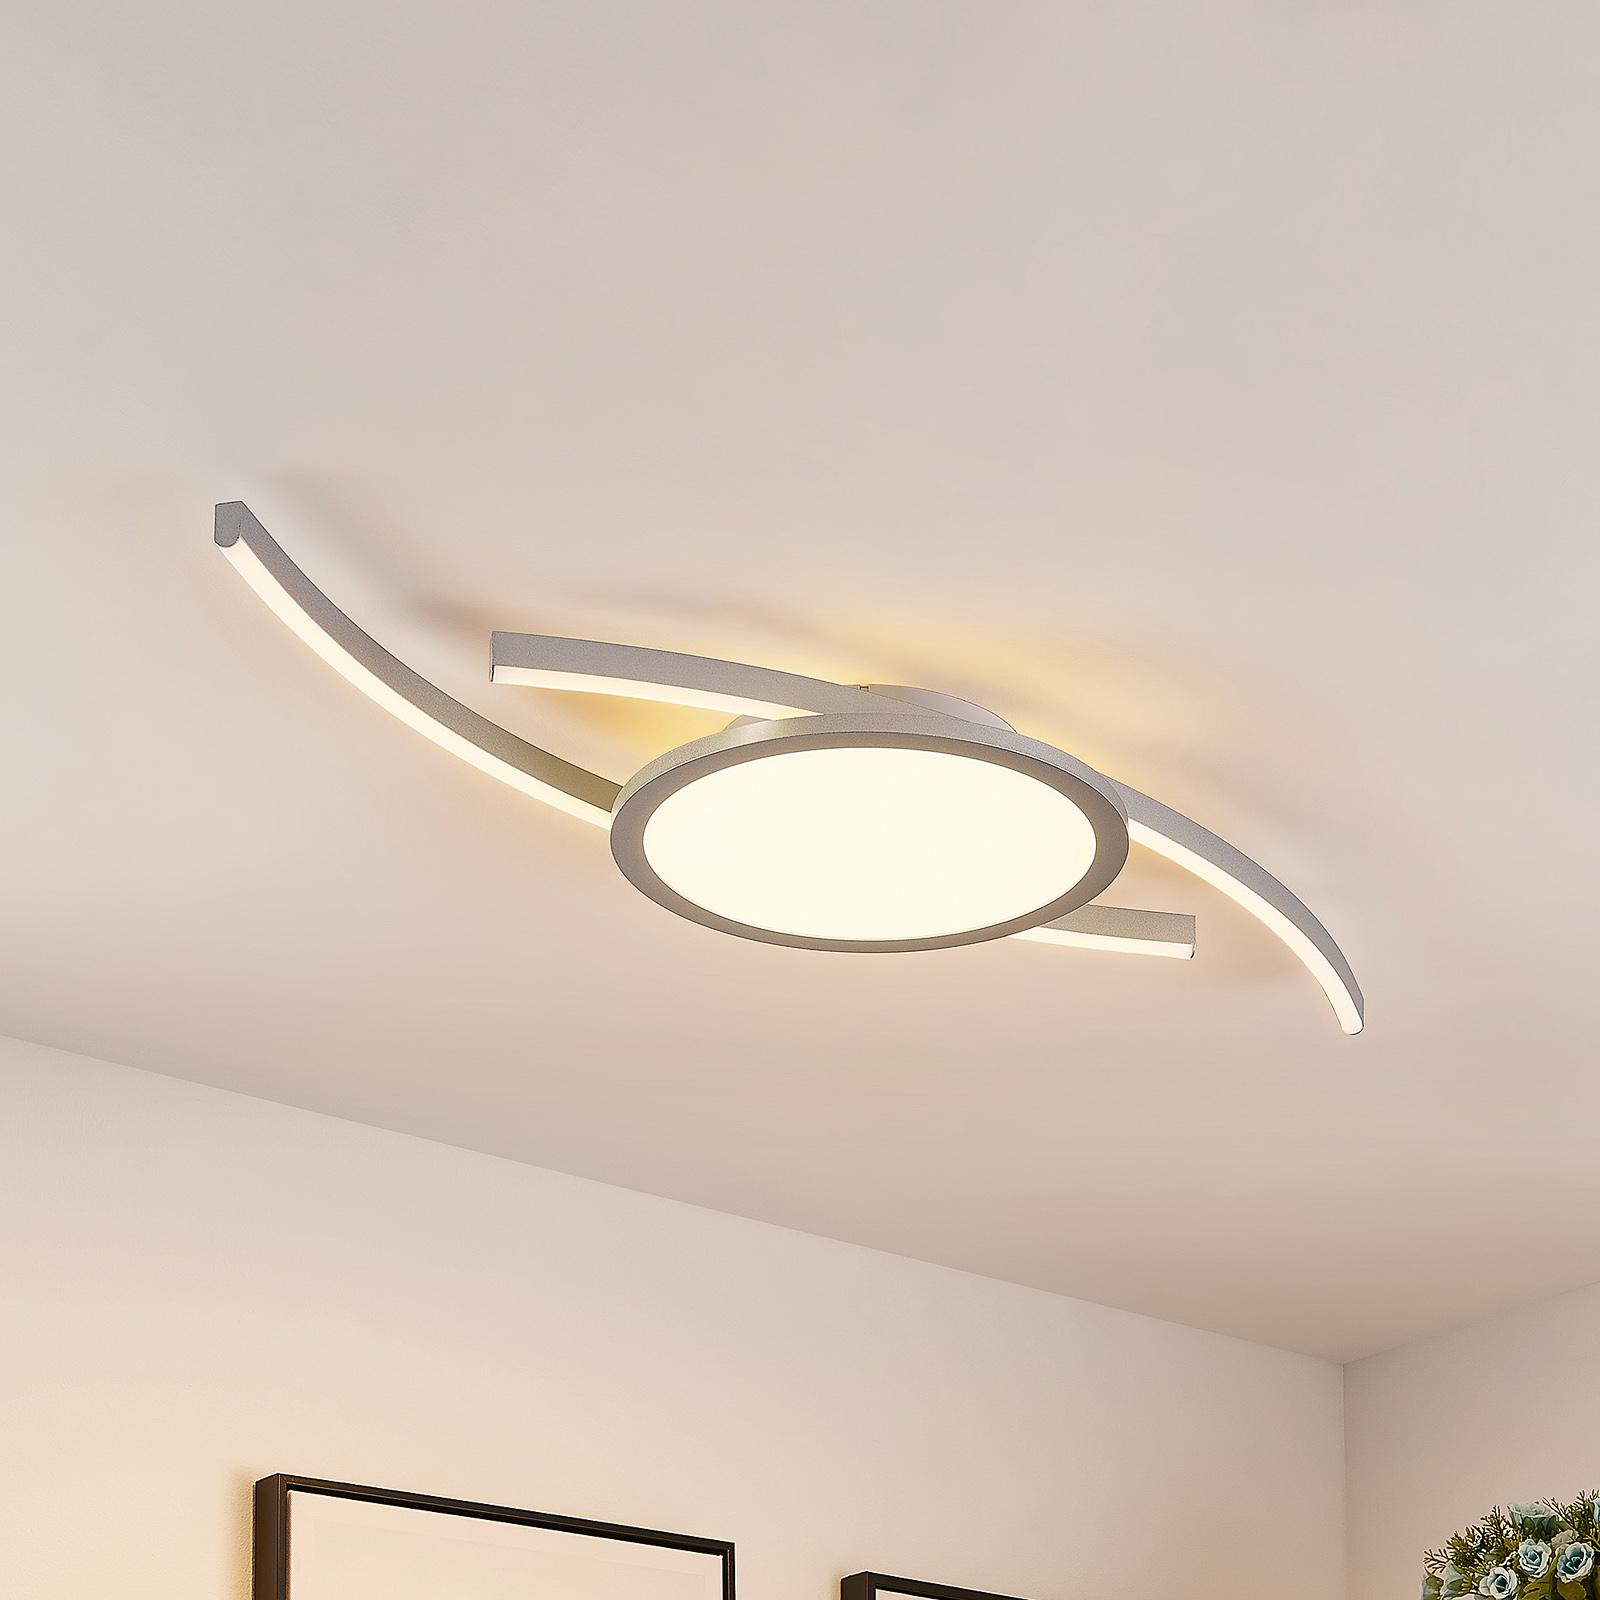 Lucande Tiaro plafón LED, redondo